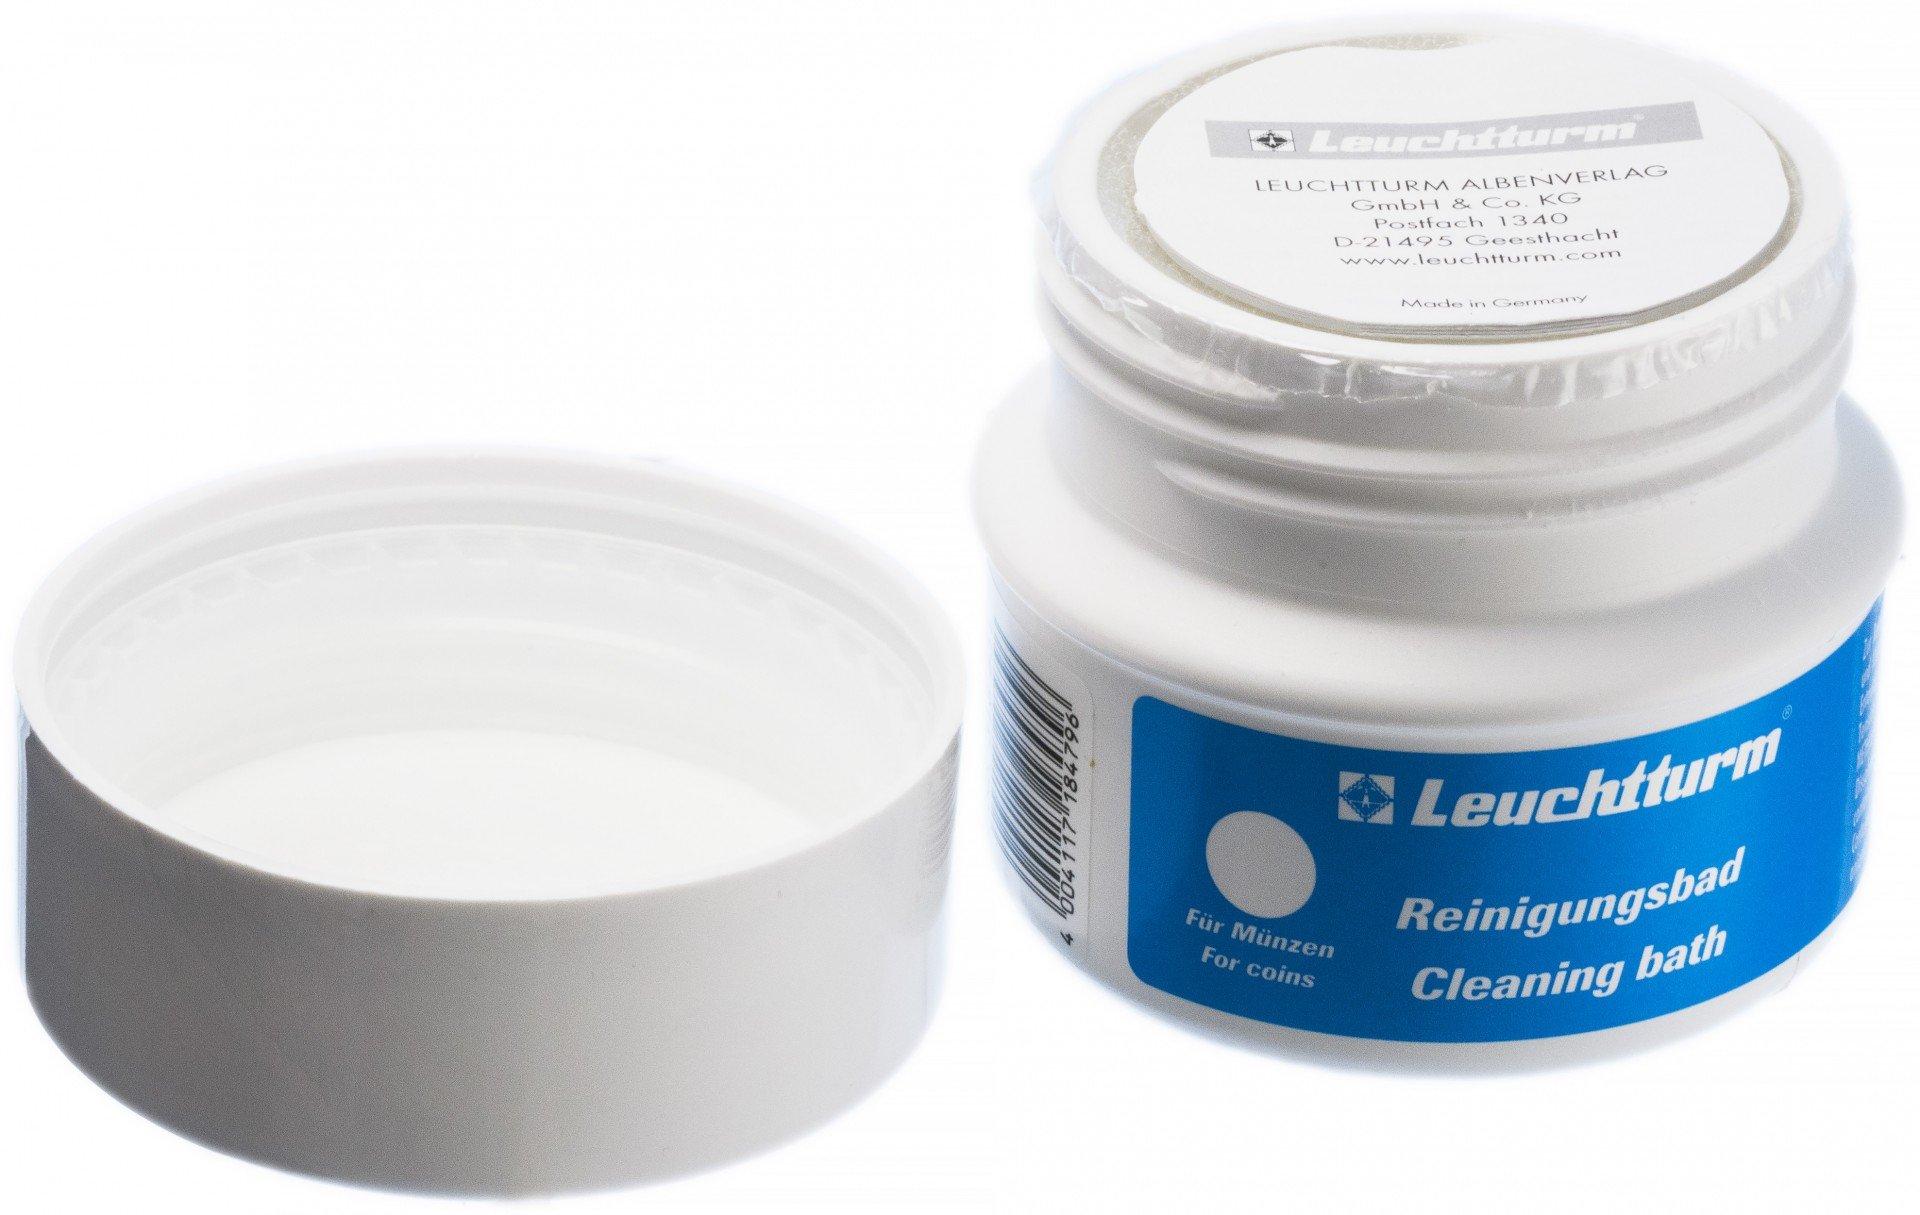 жидкость для чистки монет Leuchtturm